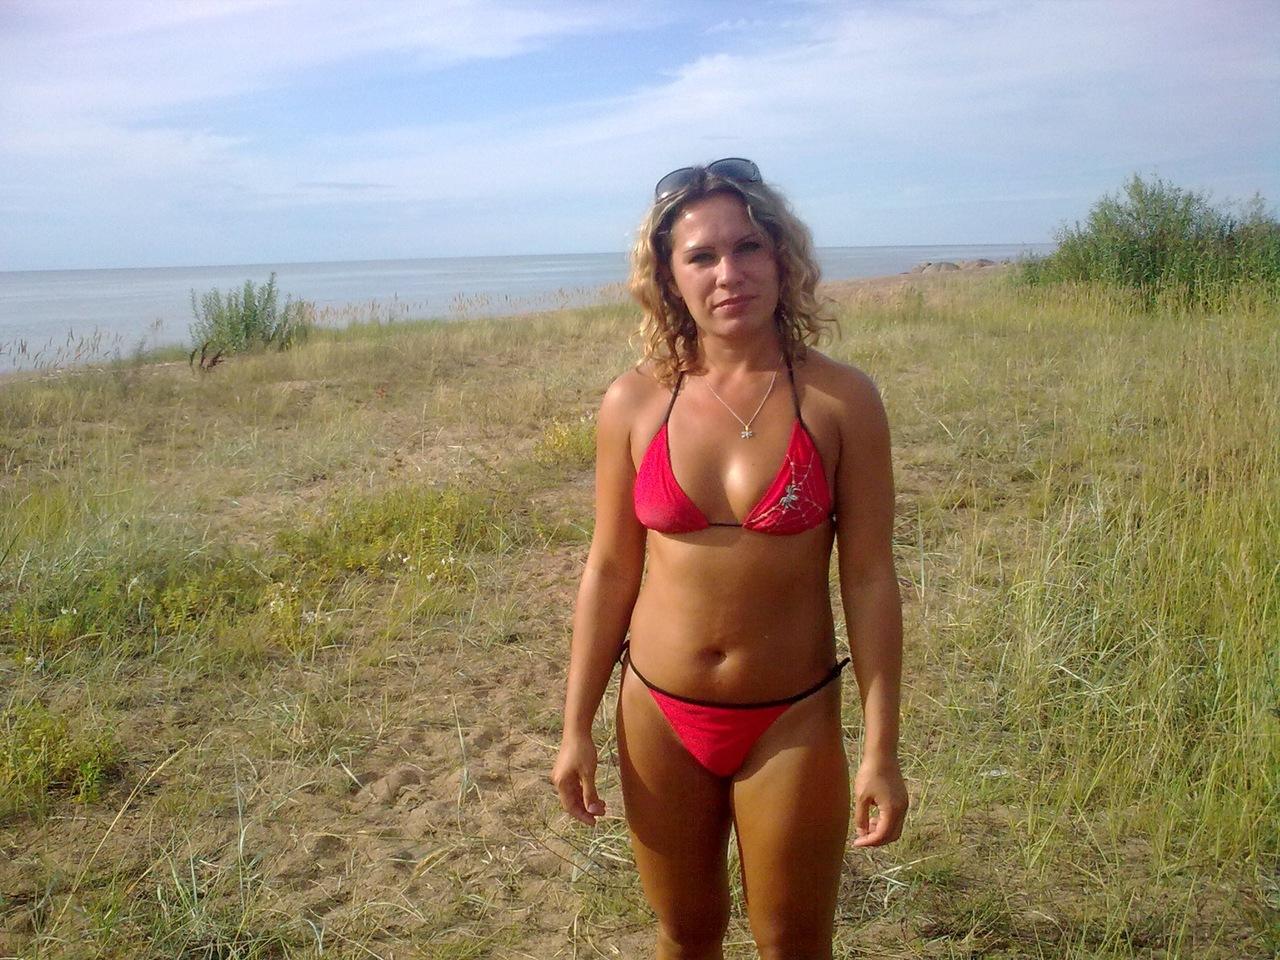 dvoih-vse-foto-s-metkoy-chastnoe-berkova-gruppovuhe